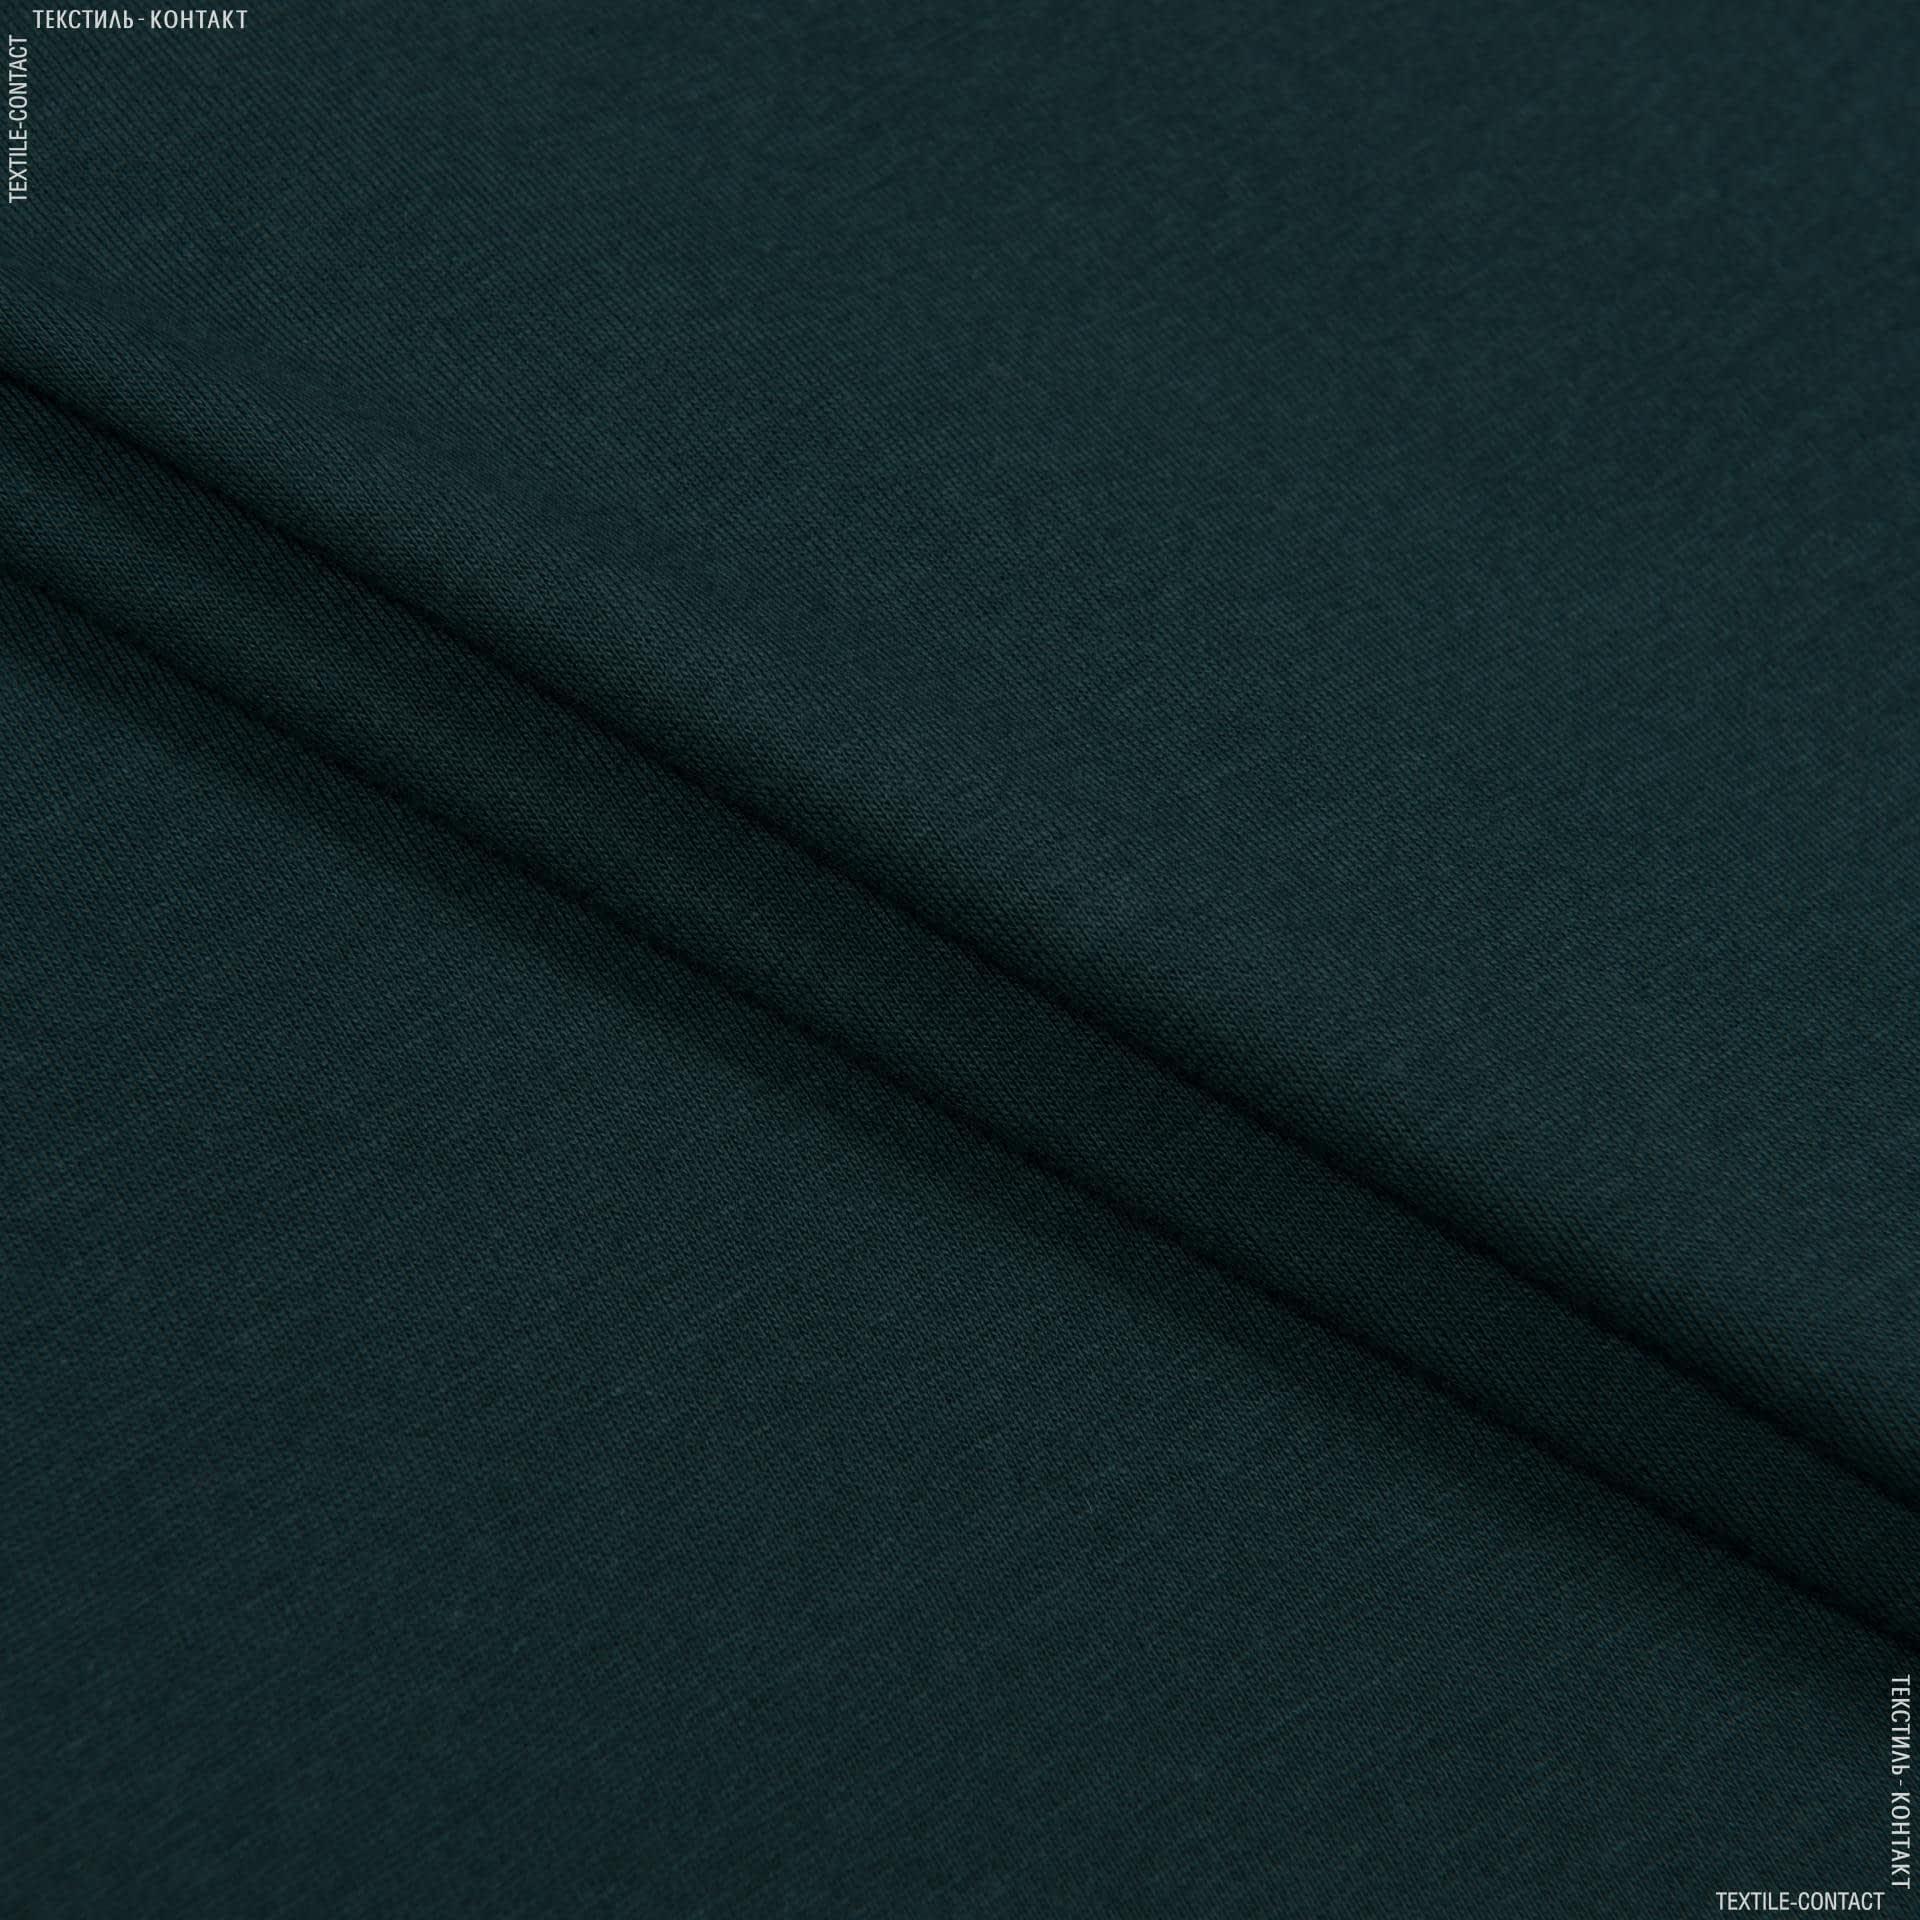 Тканини підкладкова тканина - Трикотаж підкладковий темно-зелений